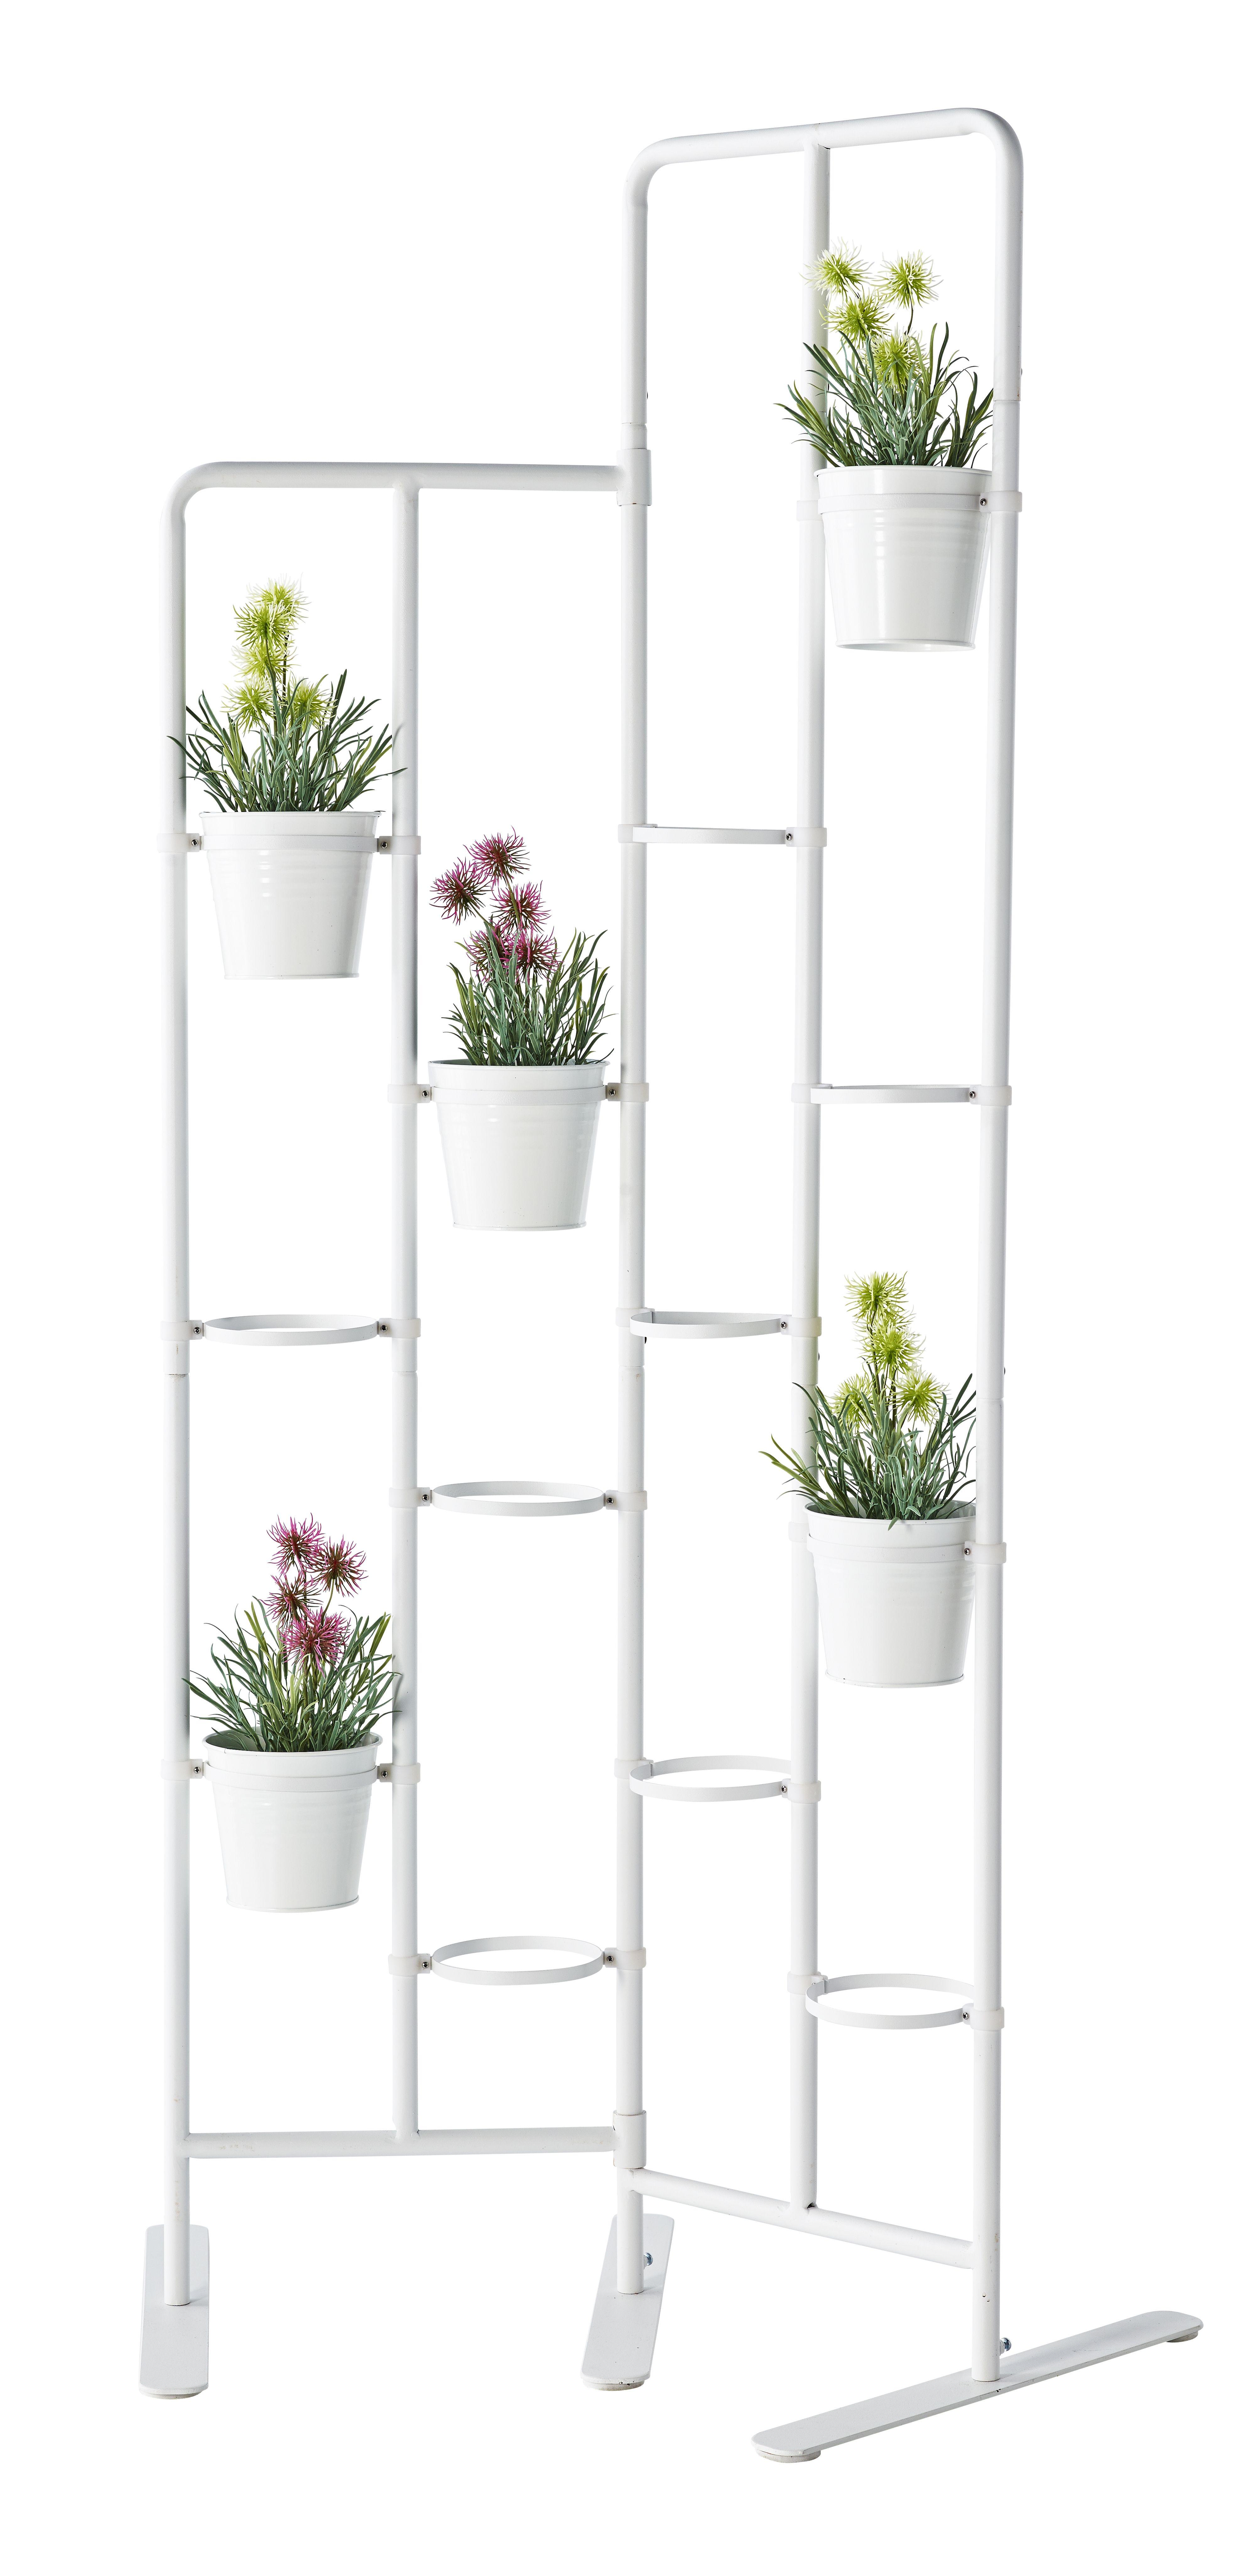 Mur Floral Ikea 29 99 Support Pour Plante Piedestal Ikea